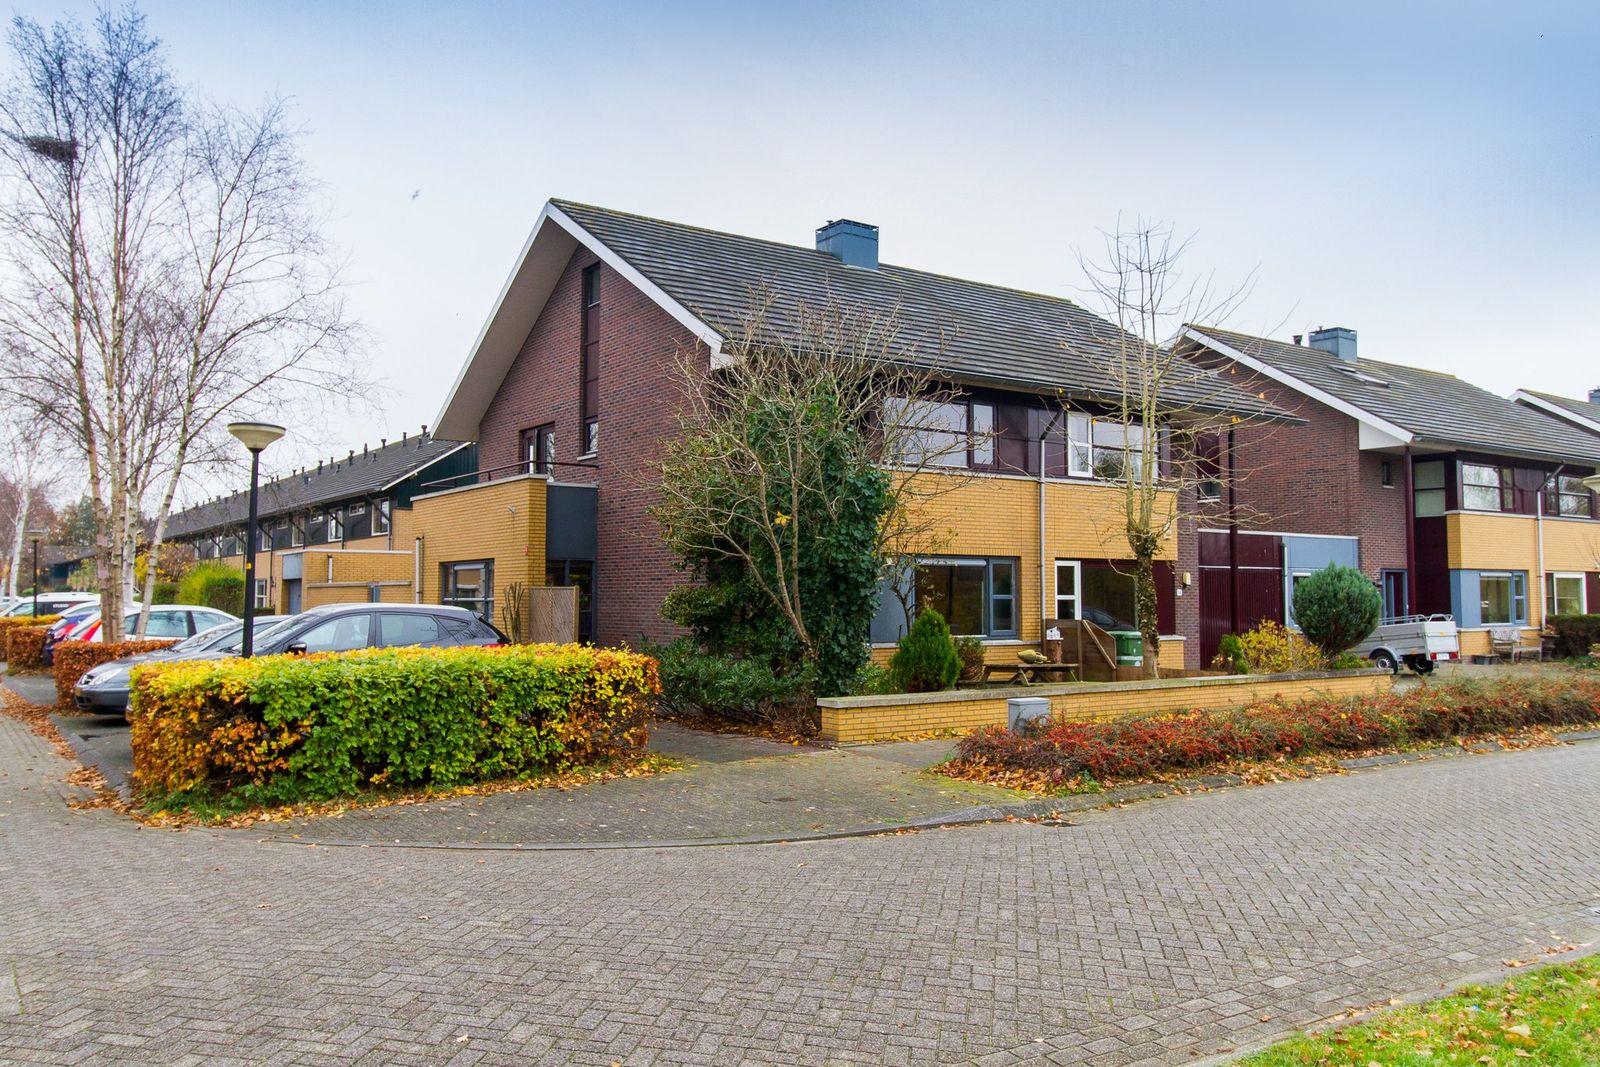 Herfststraat 13, Almere